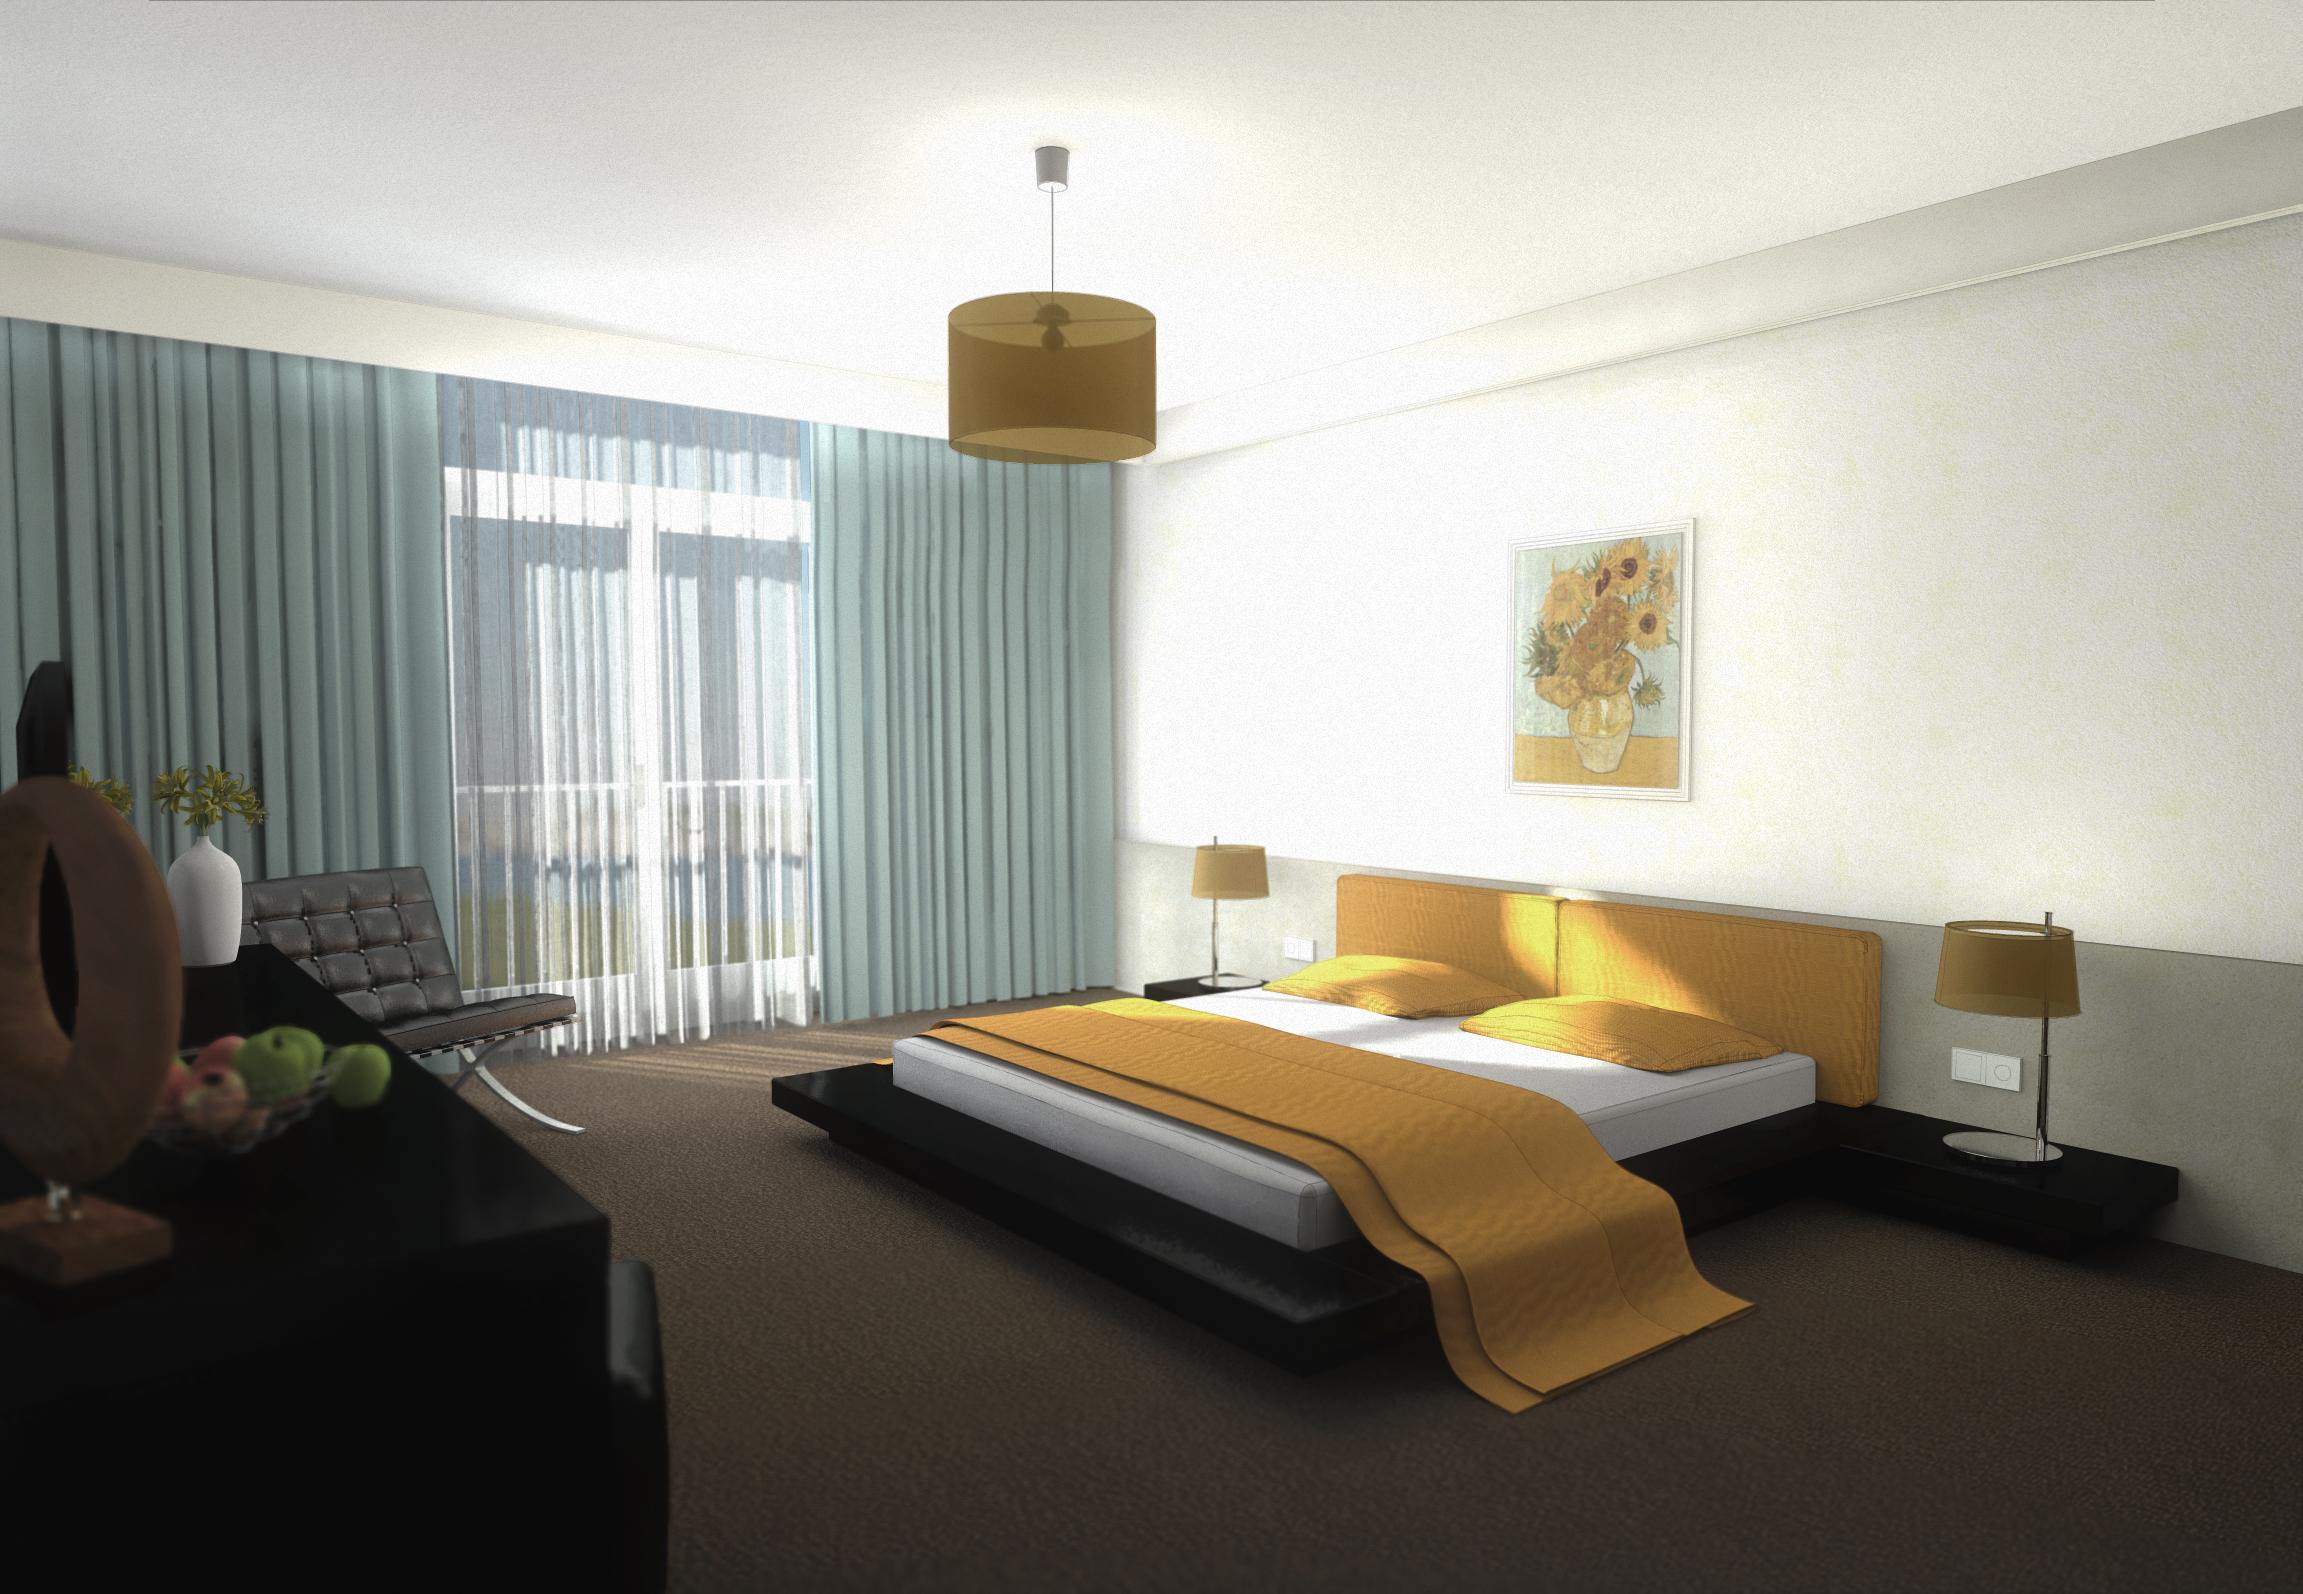 hotelkamer.jpg